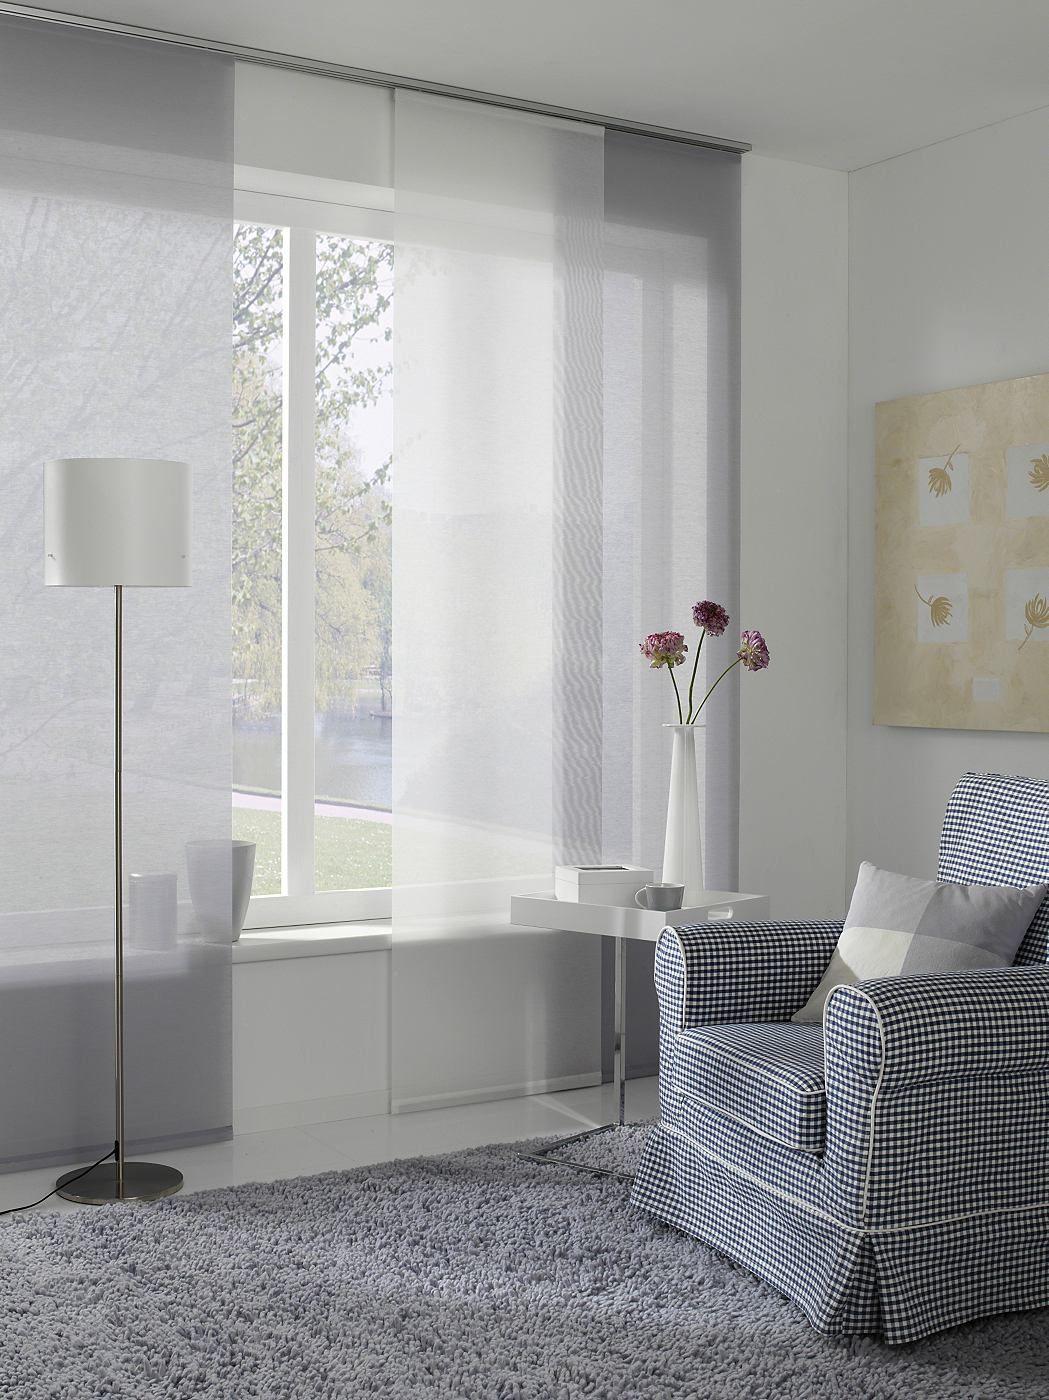 schiebegardine, gardinia, »entry«, mit klettband, mit weißem, Schlafzimmer entwurf